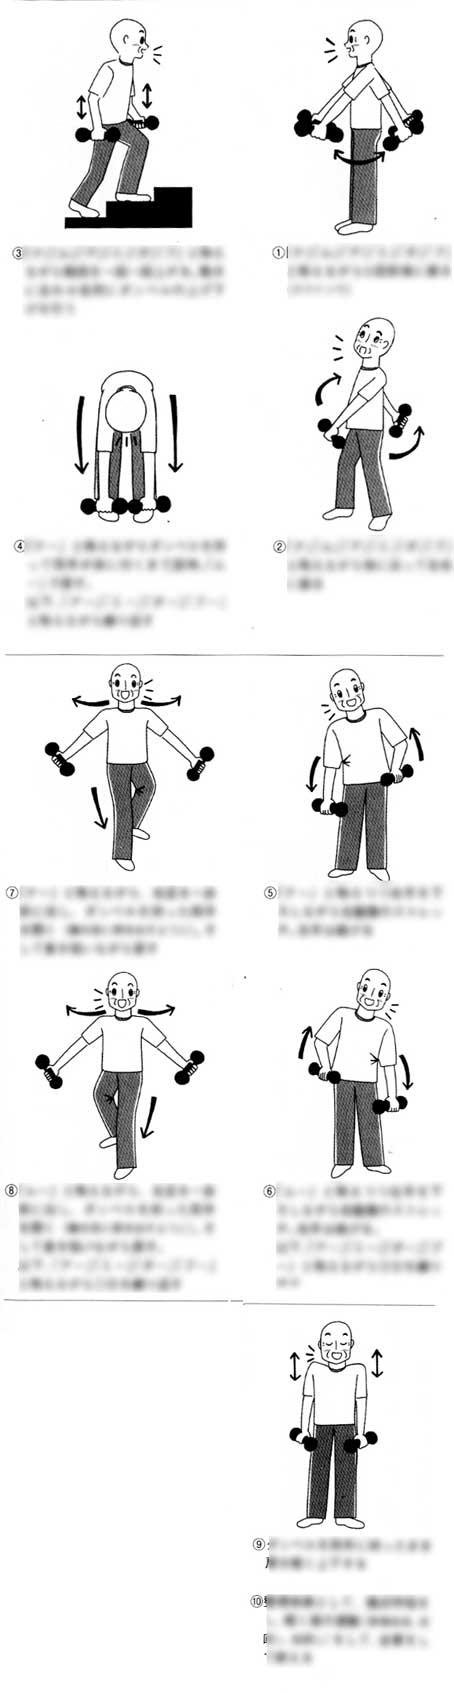 高齢者イラスト,体操イラスト,ストレッチイラスト,東洋経済新報社「捨ててこそ人生は開ける」イラスト